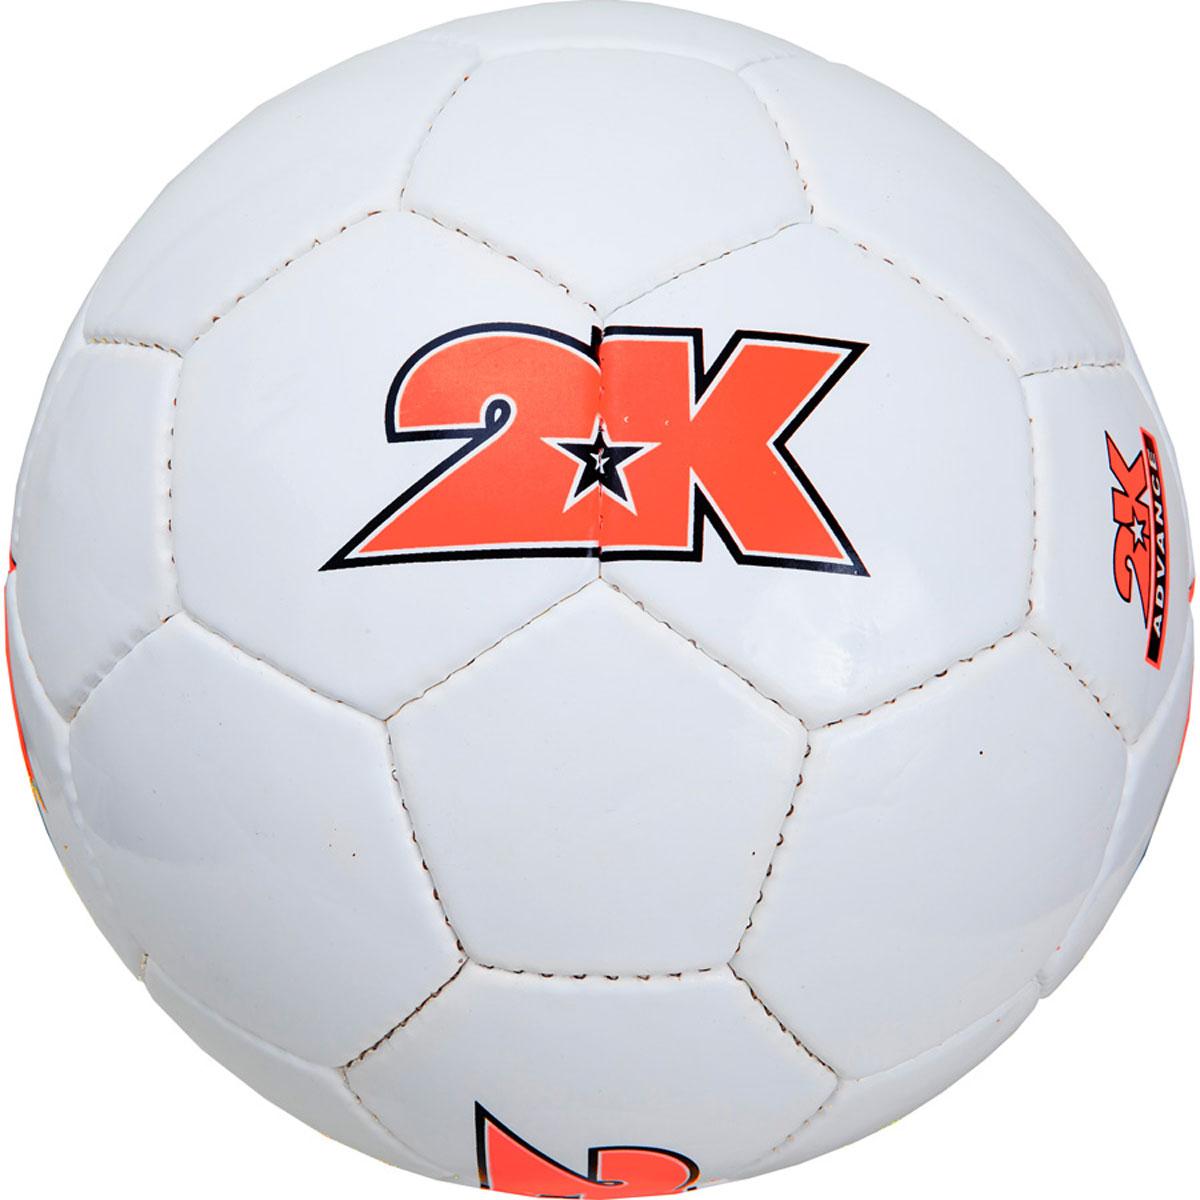 Мяч футбольный 2K Sport Advance, цвет: белый, оранжевый. Размер 3127048Любительский футбольный мяч 2K Sport Advance изготовлен из полиуретана. Бесшовная камера выполнена из натурального латекса. Сшивка производилась вручную. Швы проклеены для герметизации.